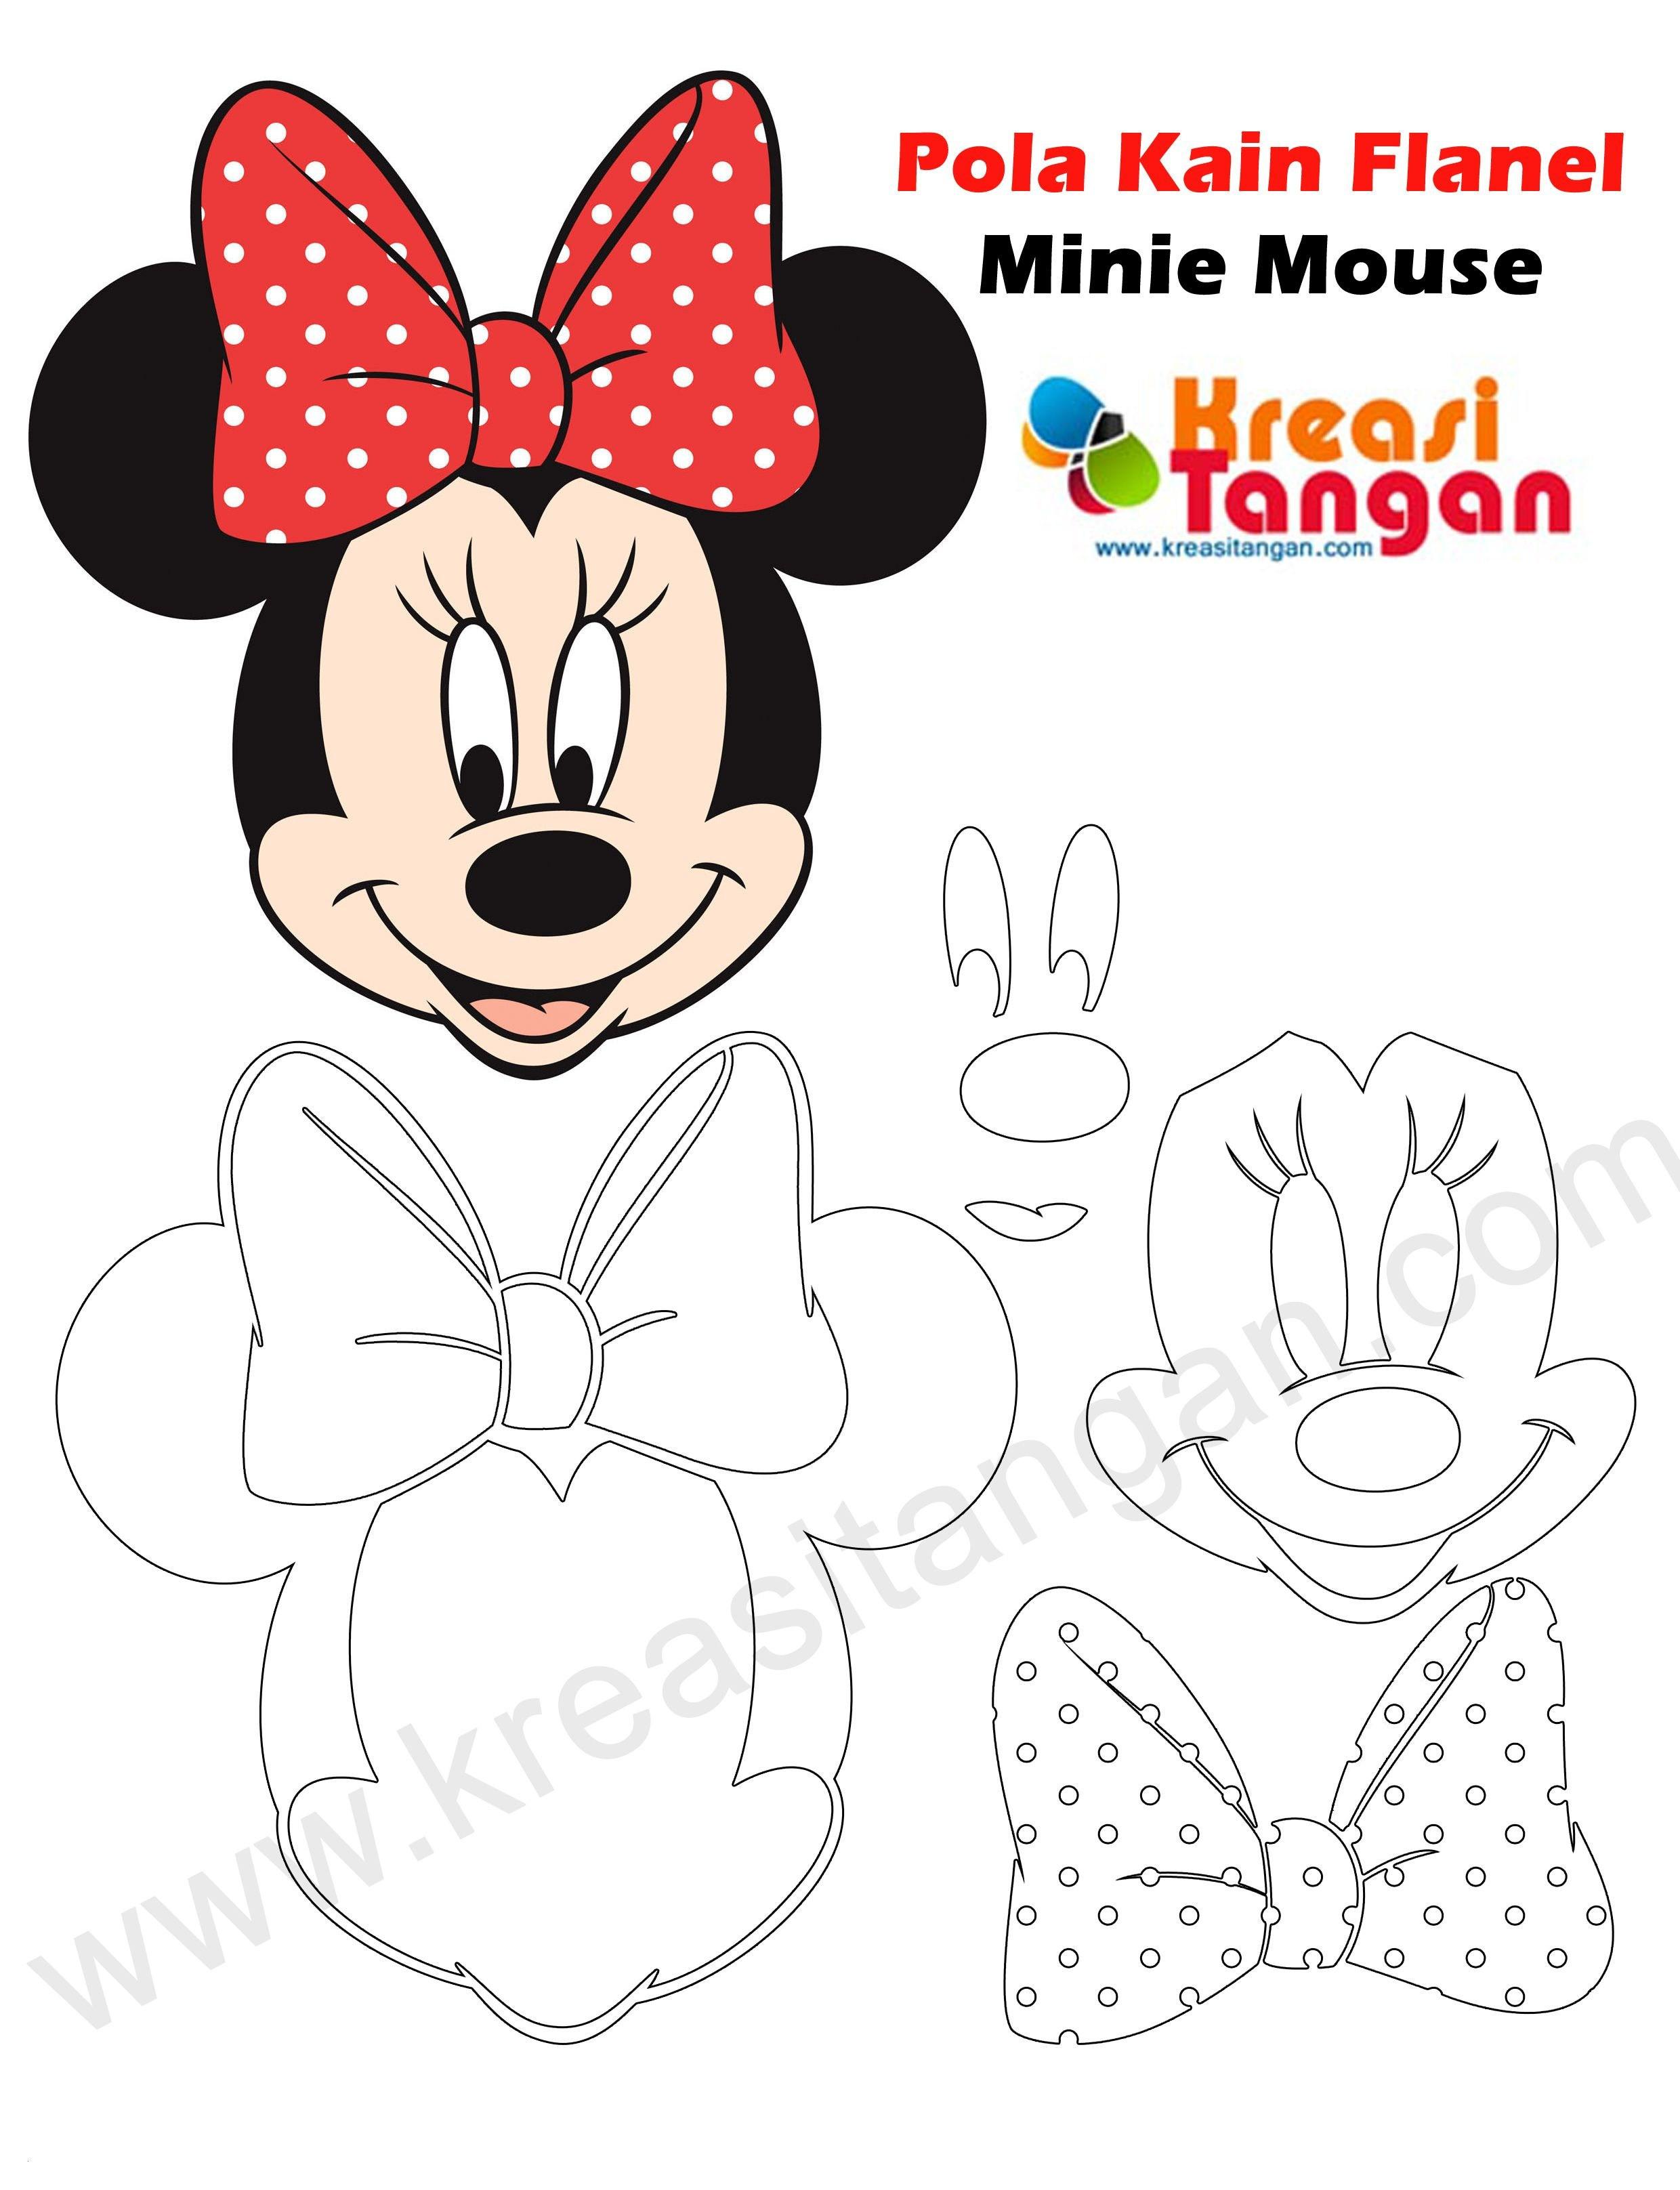 Minnie Maus Malvorlagen Frisch 40 Ausmalbilder Herbst Igel Scoredatscore Frisch Ausmalbilder Mini Das Bild